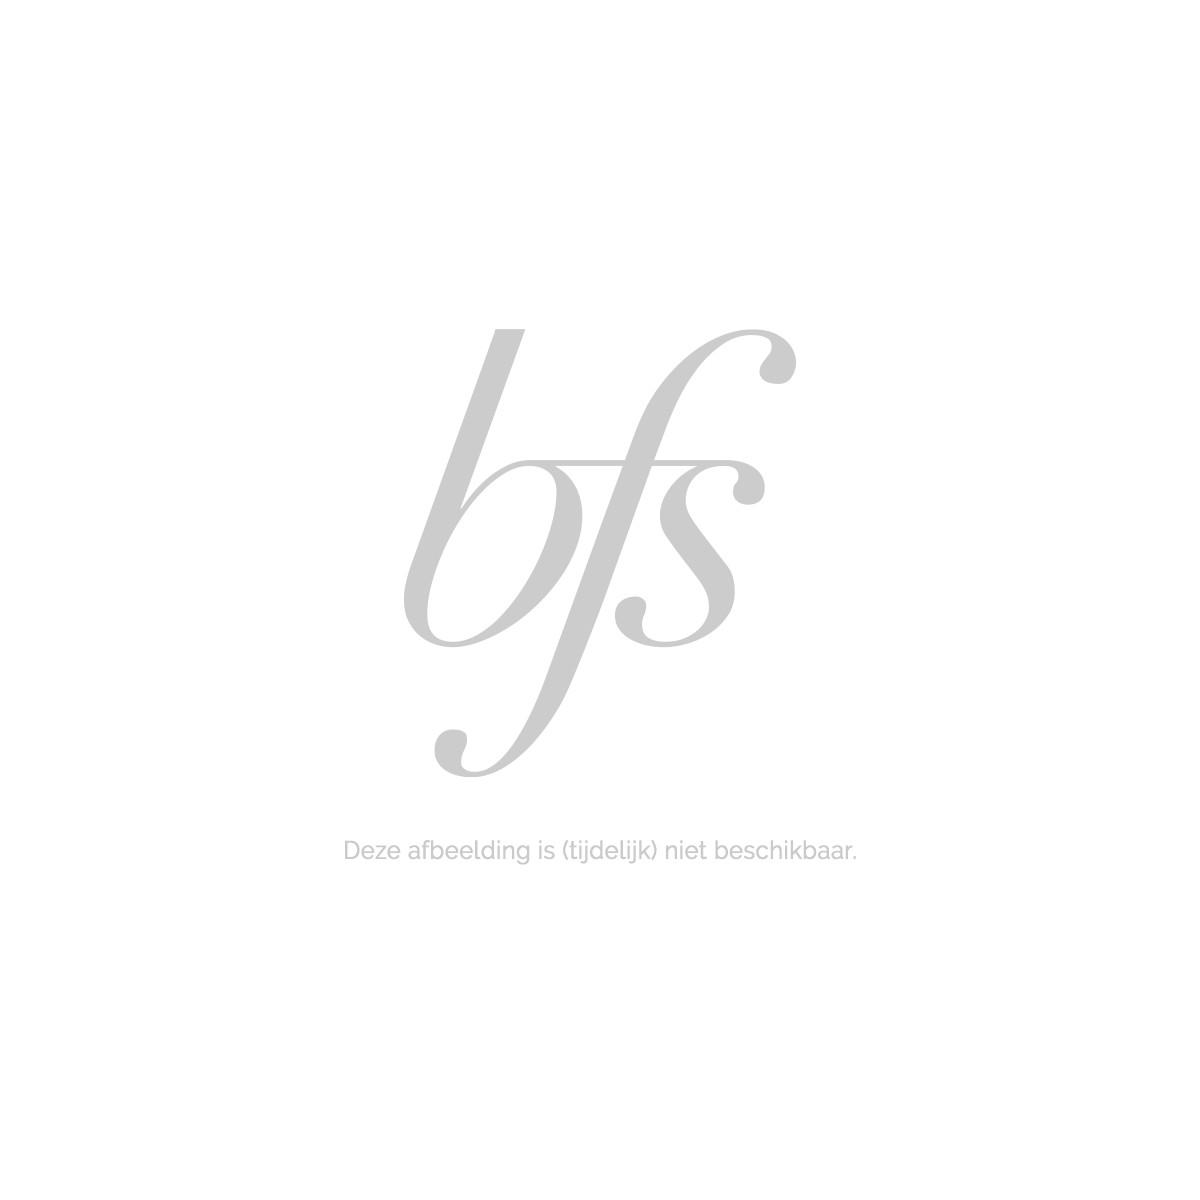 Beardburys Kleurshampoo 2N Voor Haar, Baard En Snor 75 Ml